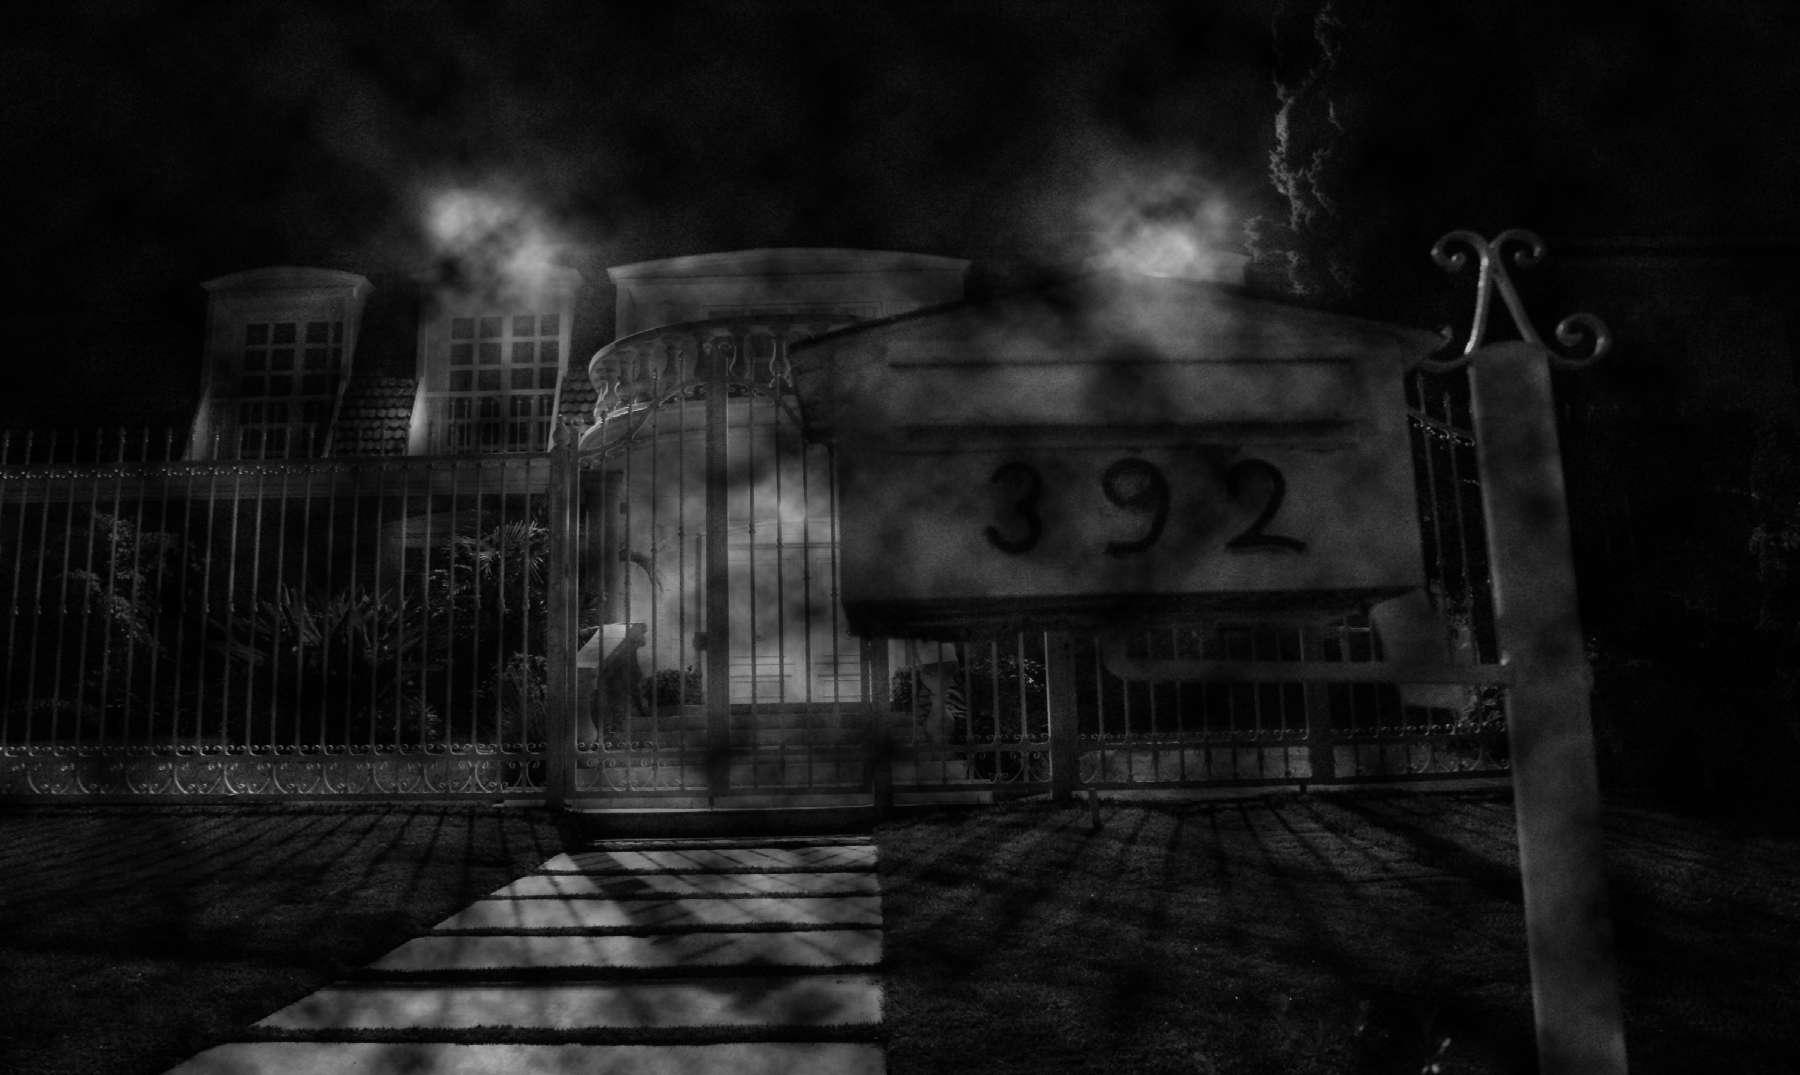 Lo normal es paranormal: una casa muy particular - Radio Cantilo